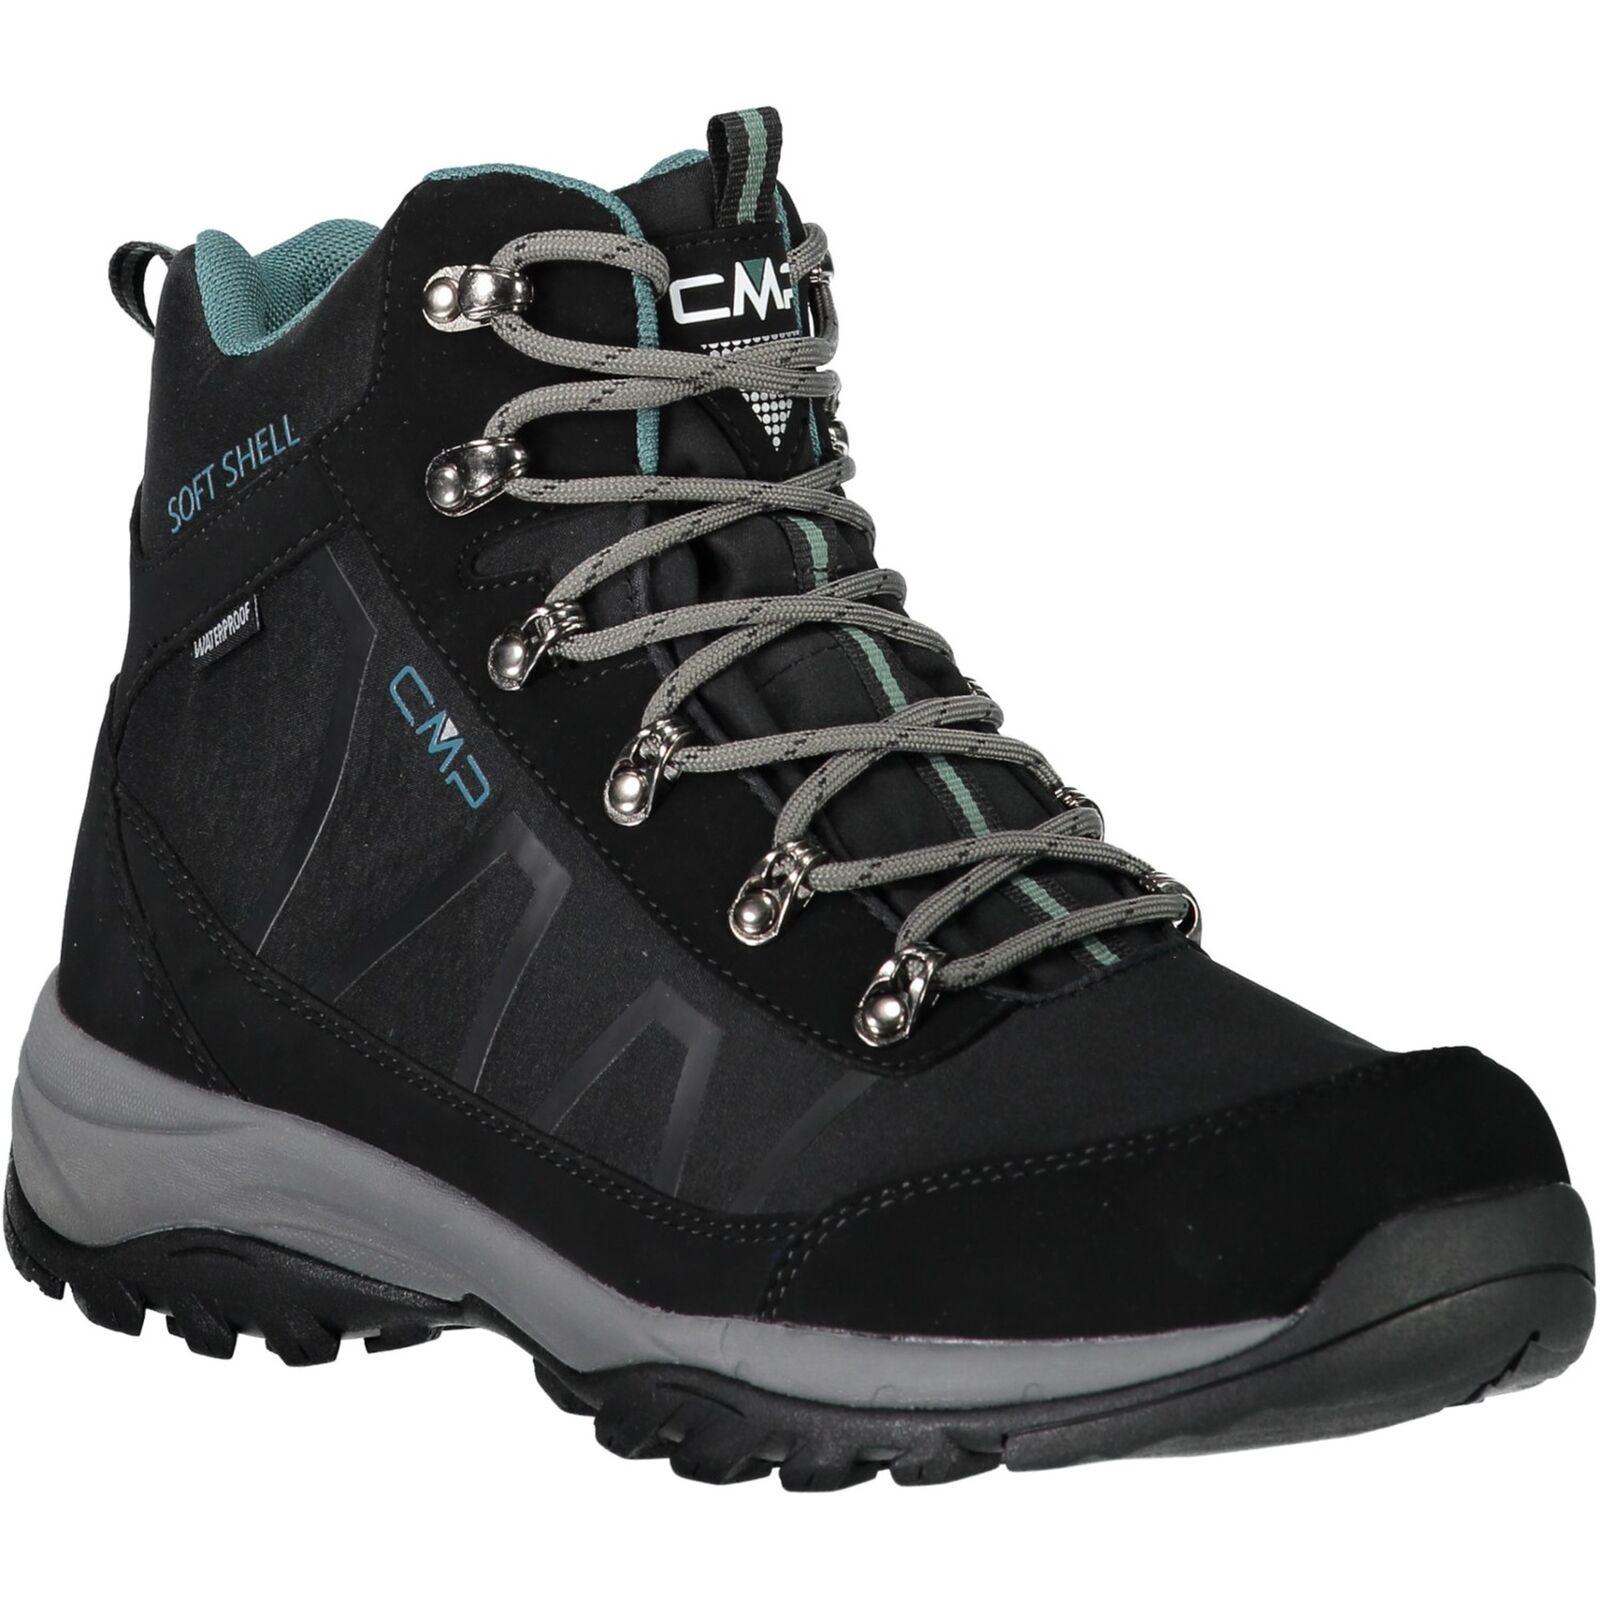 CMP Trekkingschuhe Outdoorschuh SOFT NAOS TREKKING schuhe WP schwarz  | Primäre Qualität